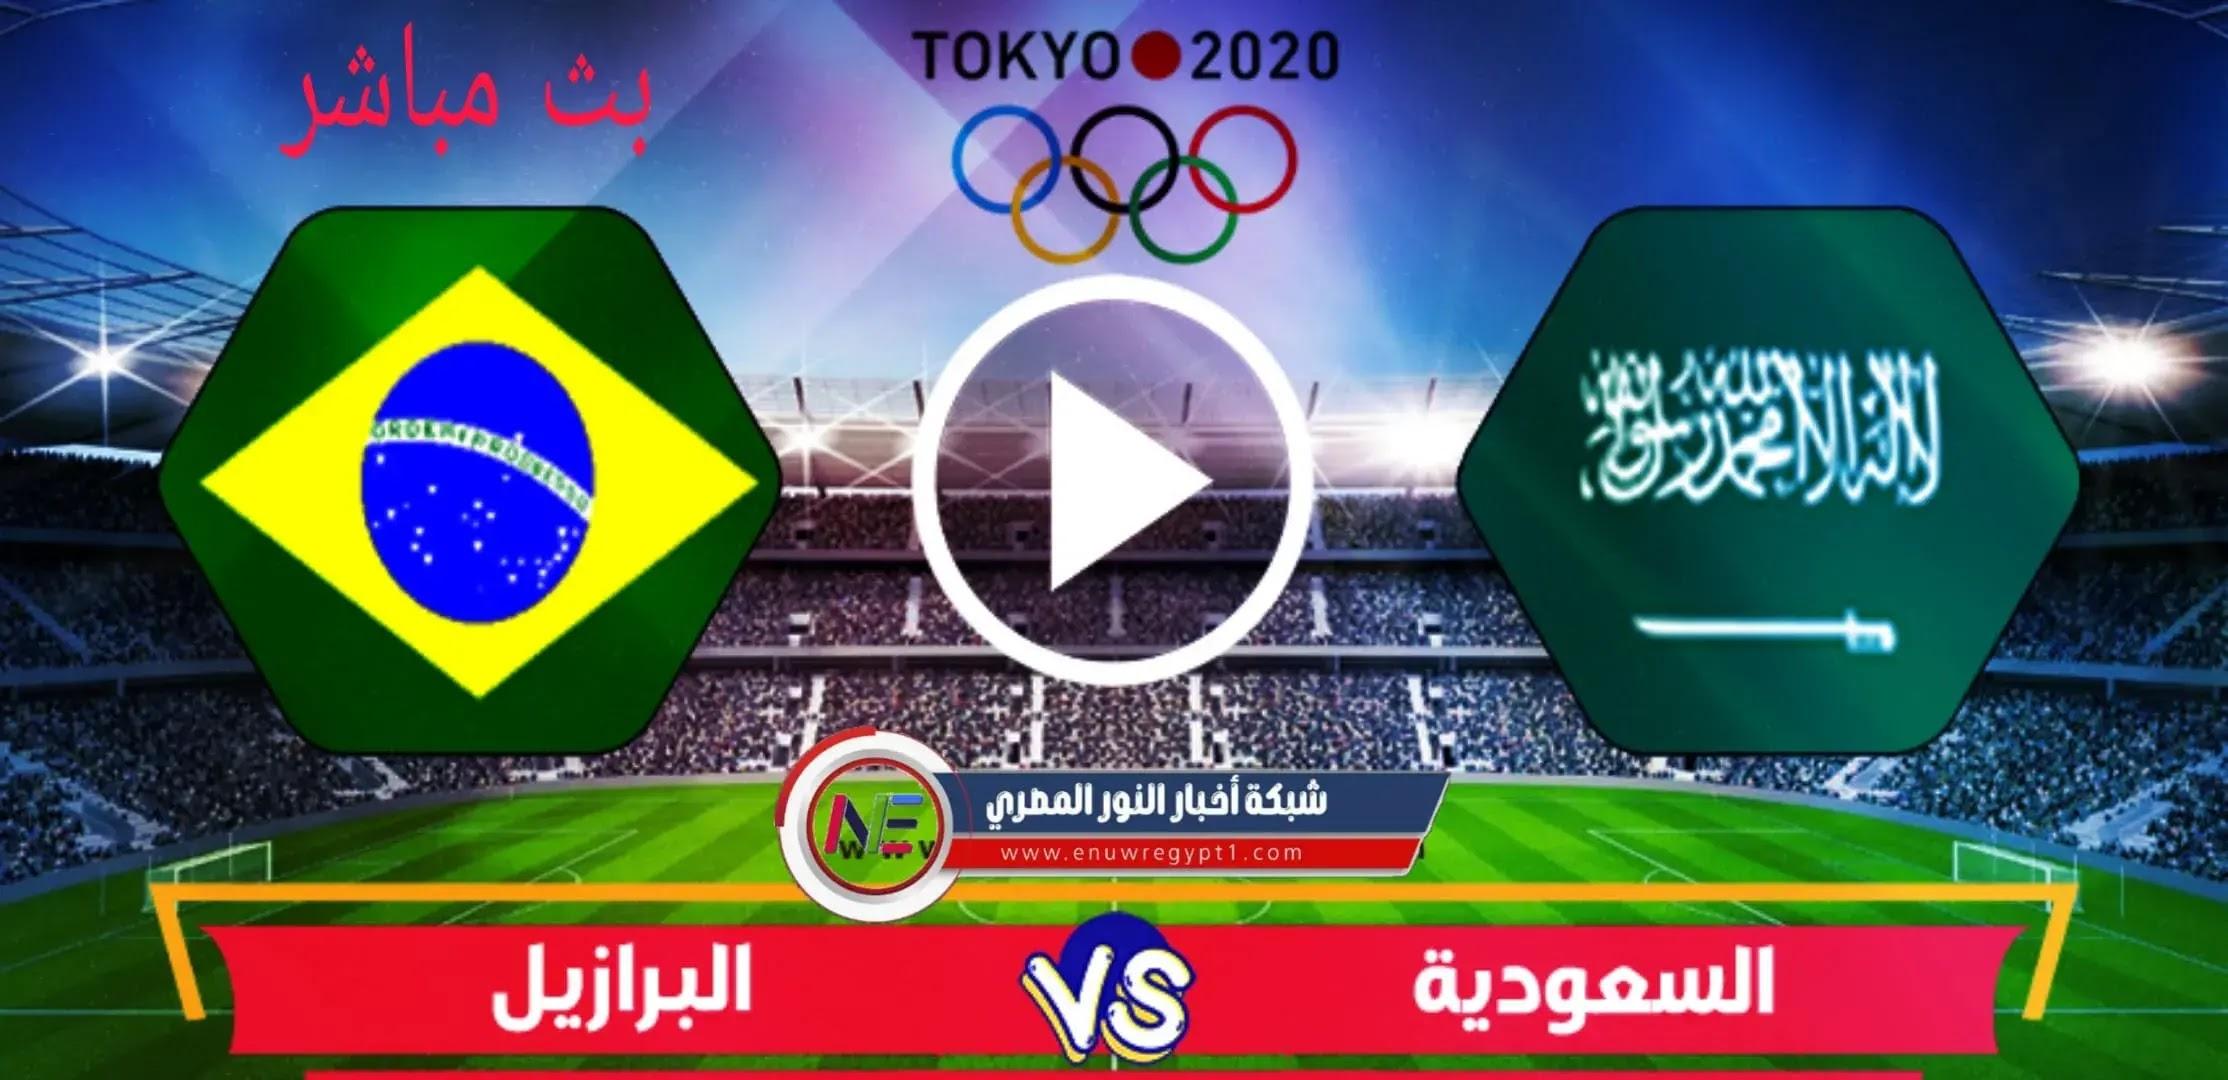 يلا شوت يوتيوب.. بث مباشر مشاهدة مباراة البرازيل و السعودية اليوم 28-07-2021 في بطولة اولمبياد طوكيو 2020 كورة لايف الان بجودة عالية بدون تقطيع